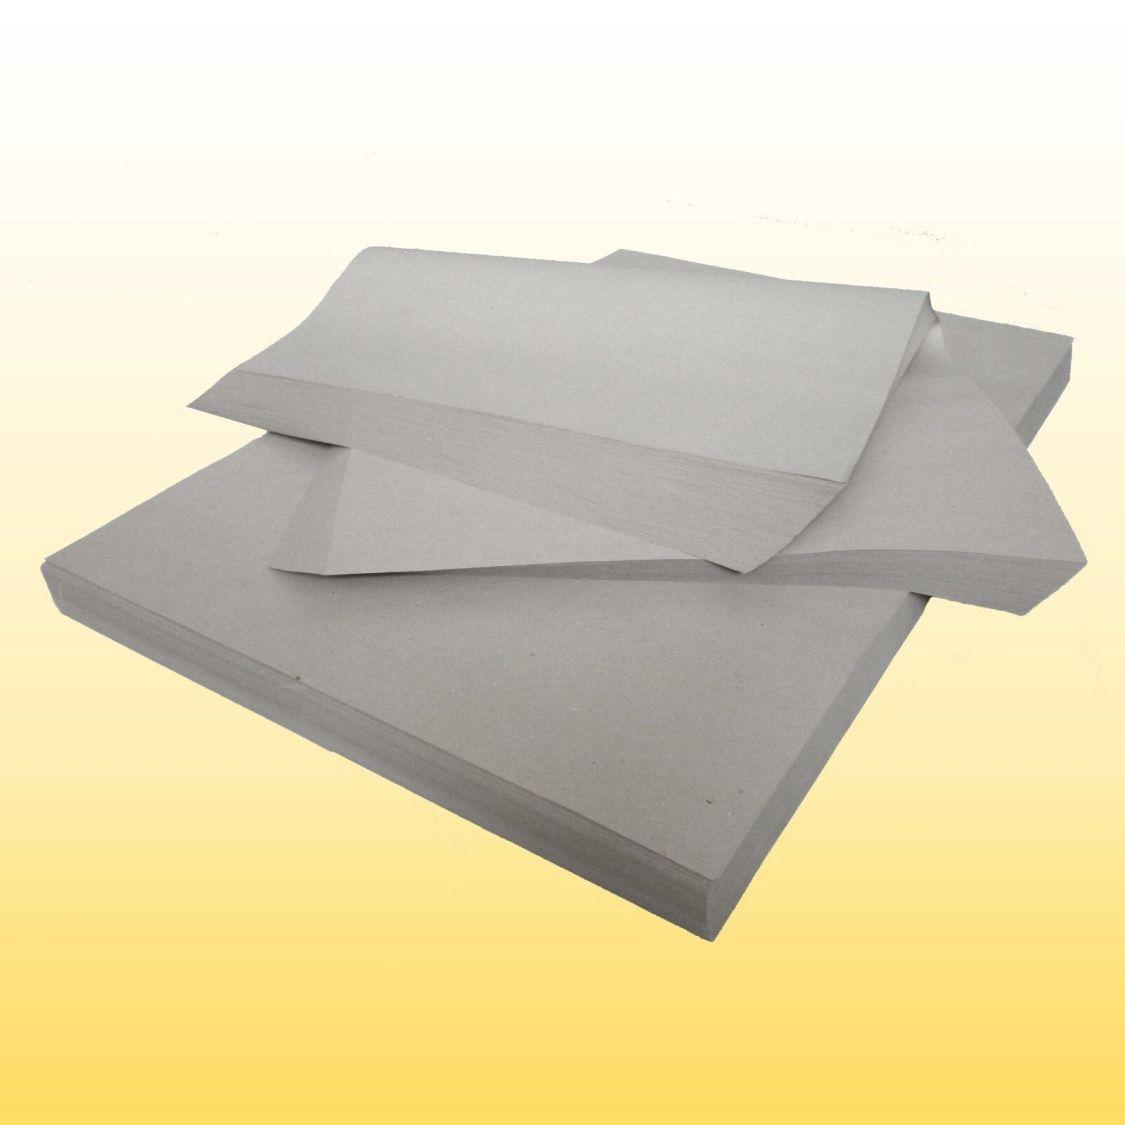 Lagen Schrenzpapier Packpapier 50 x 75 cm      Menge wählbar in 80, 100, 120 gm²